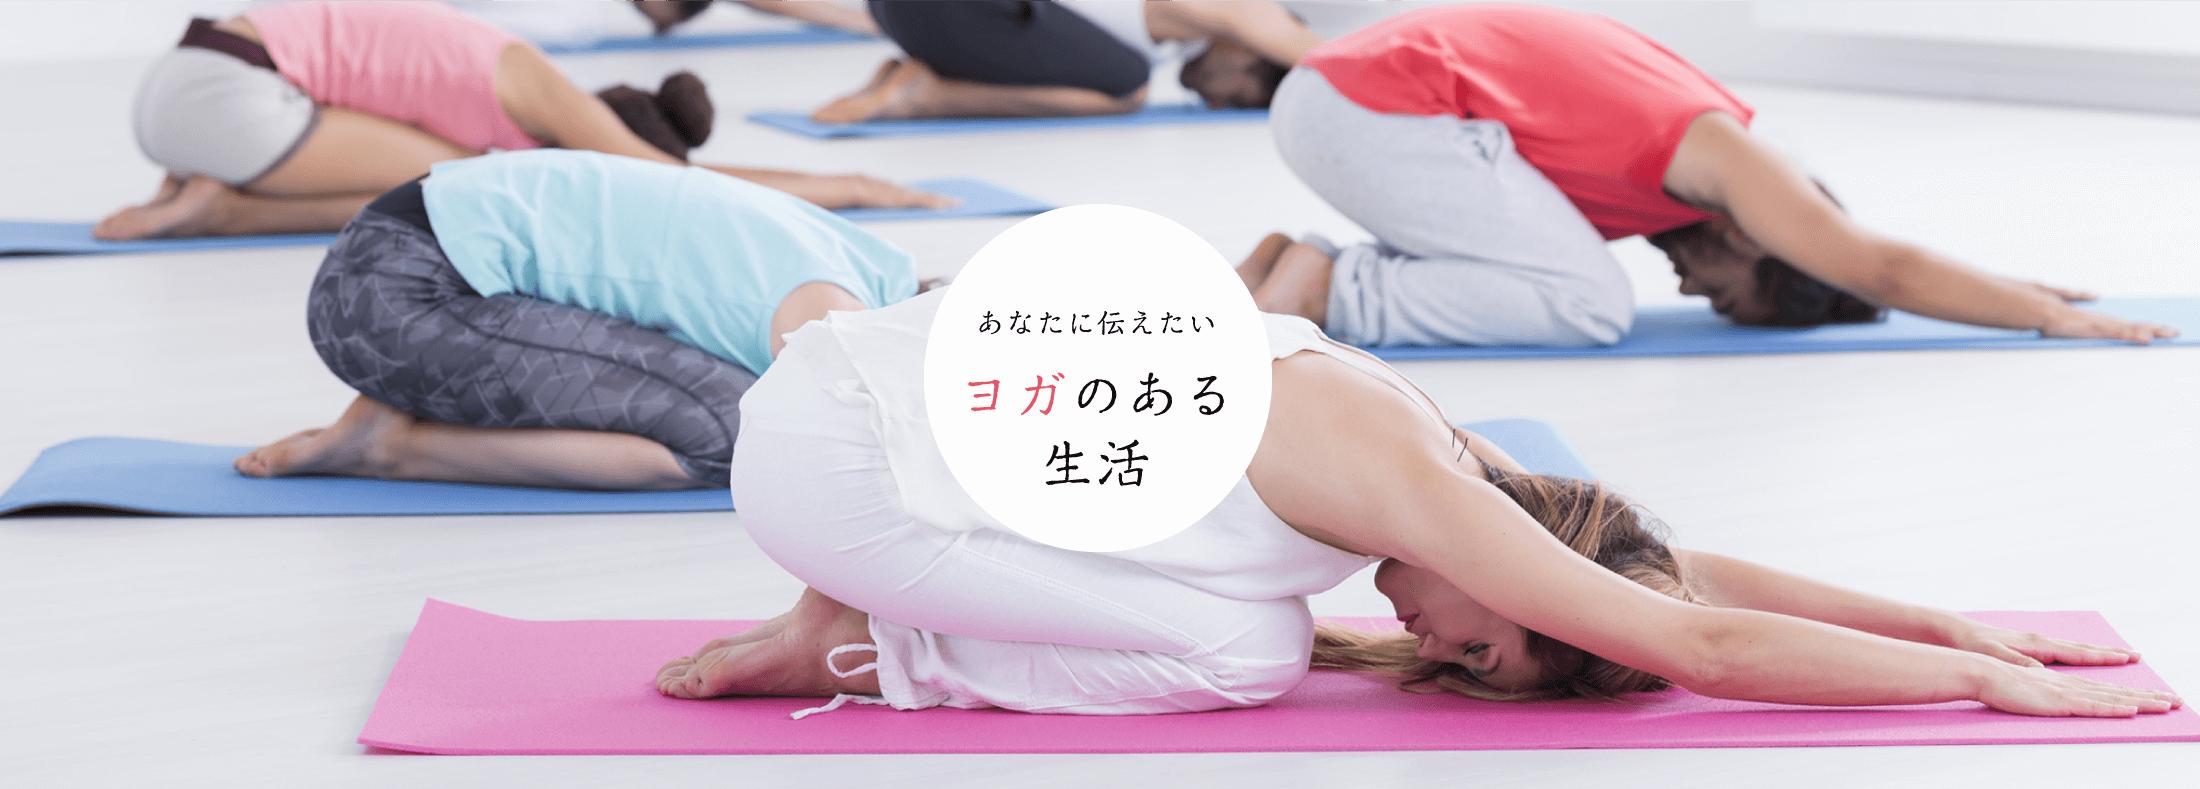 ホットヨガスタジオ ユニオン 我孫子スタジオ店の画像